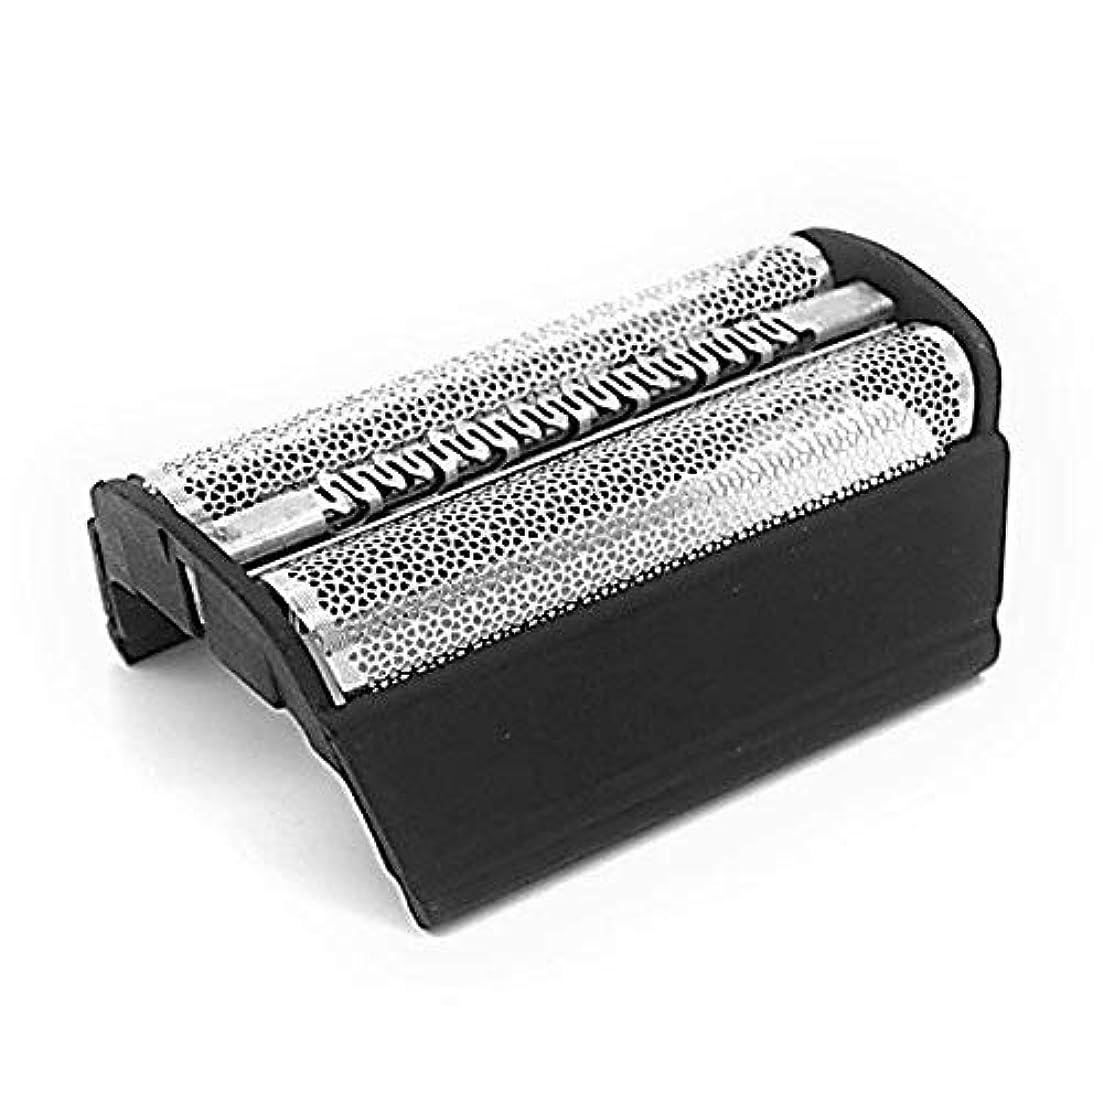 バター光電論争的ブラウン BRAUN シェーバー 替刃 F/C31B 網刃 のみ フレックス コントゥア 互換品 mmokku